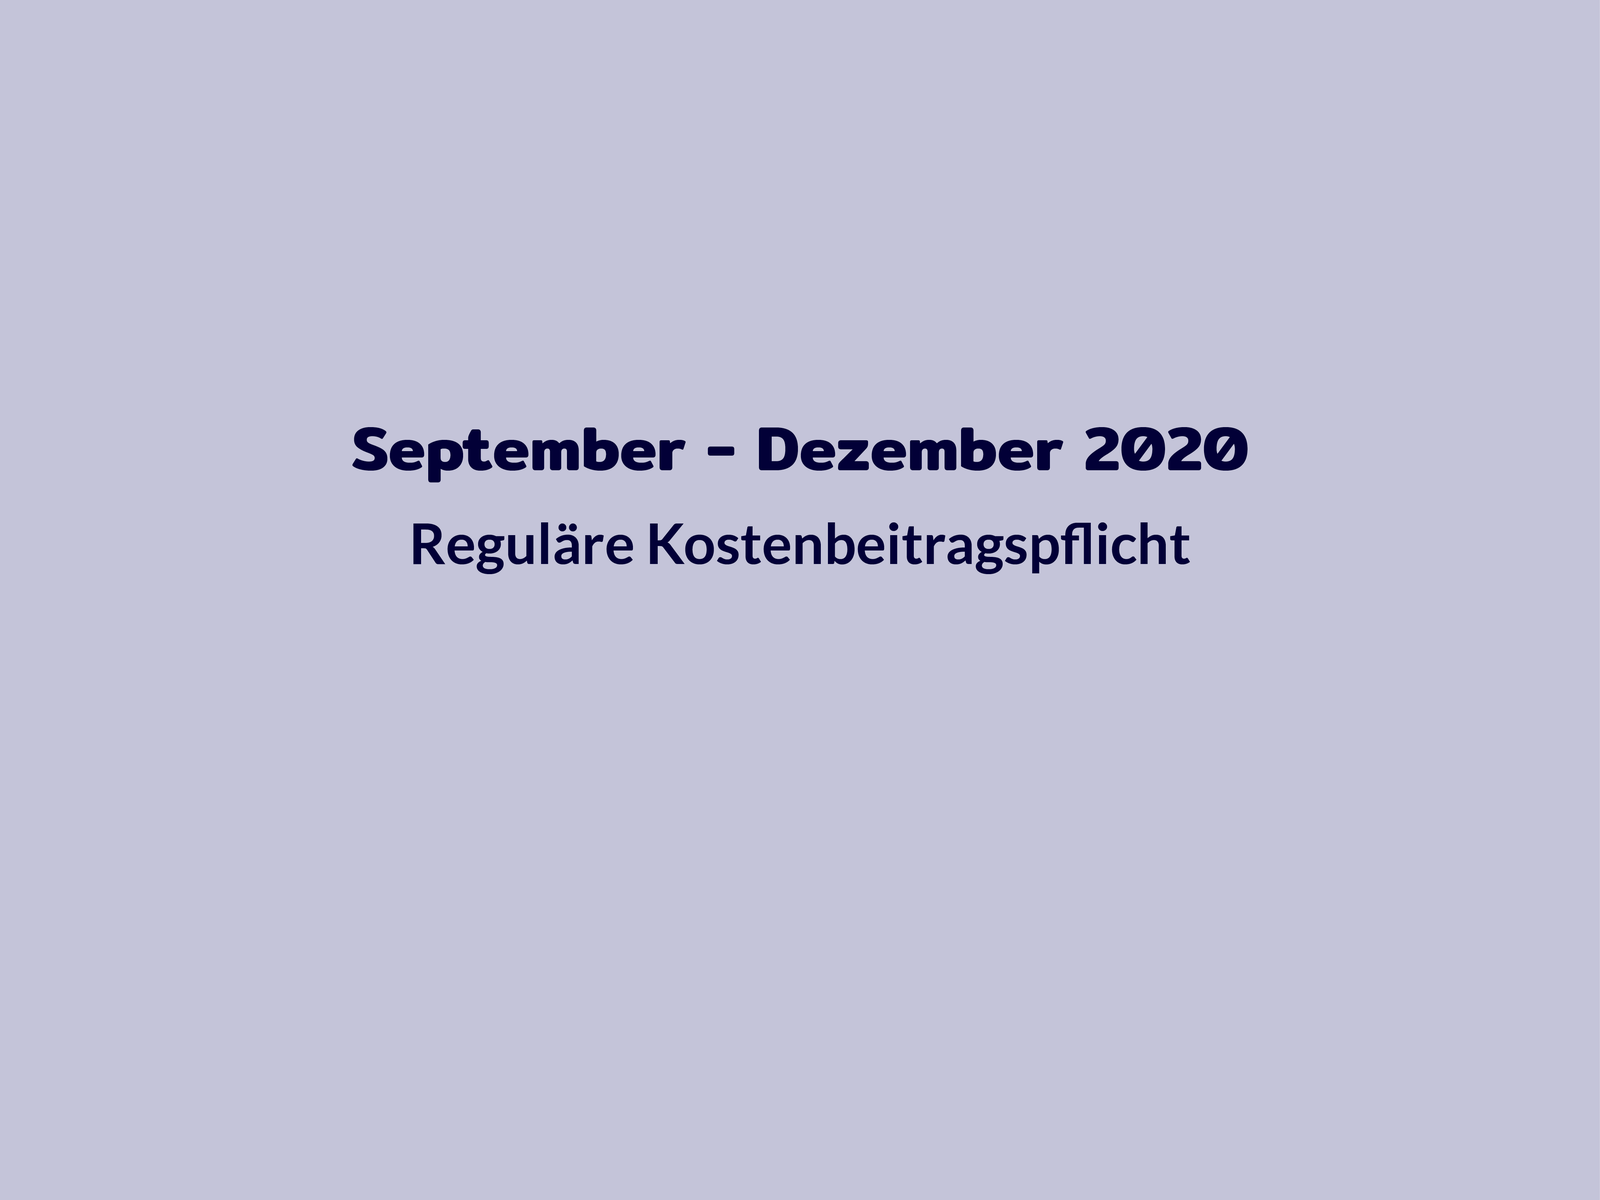 Chronologie Kosten September bis Dezember 2020